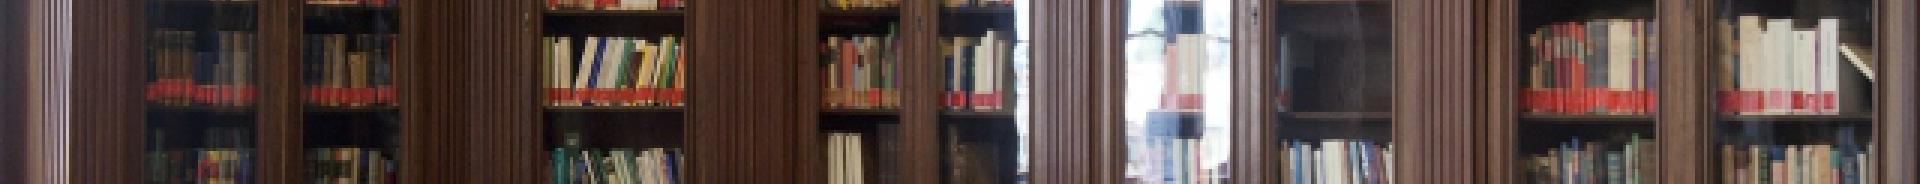 foto biblioteca sezione romano